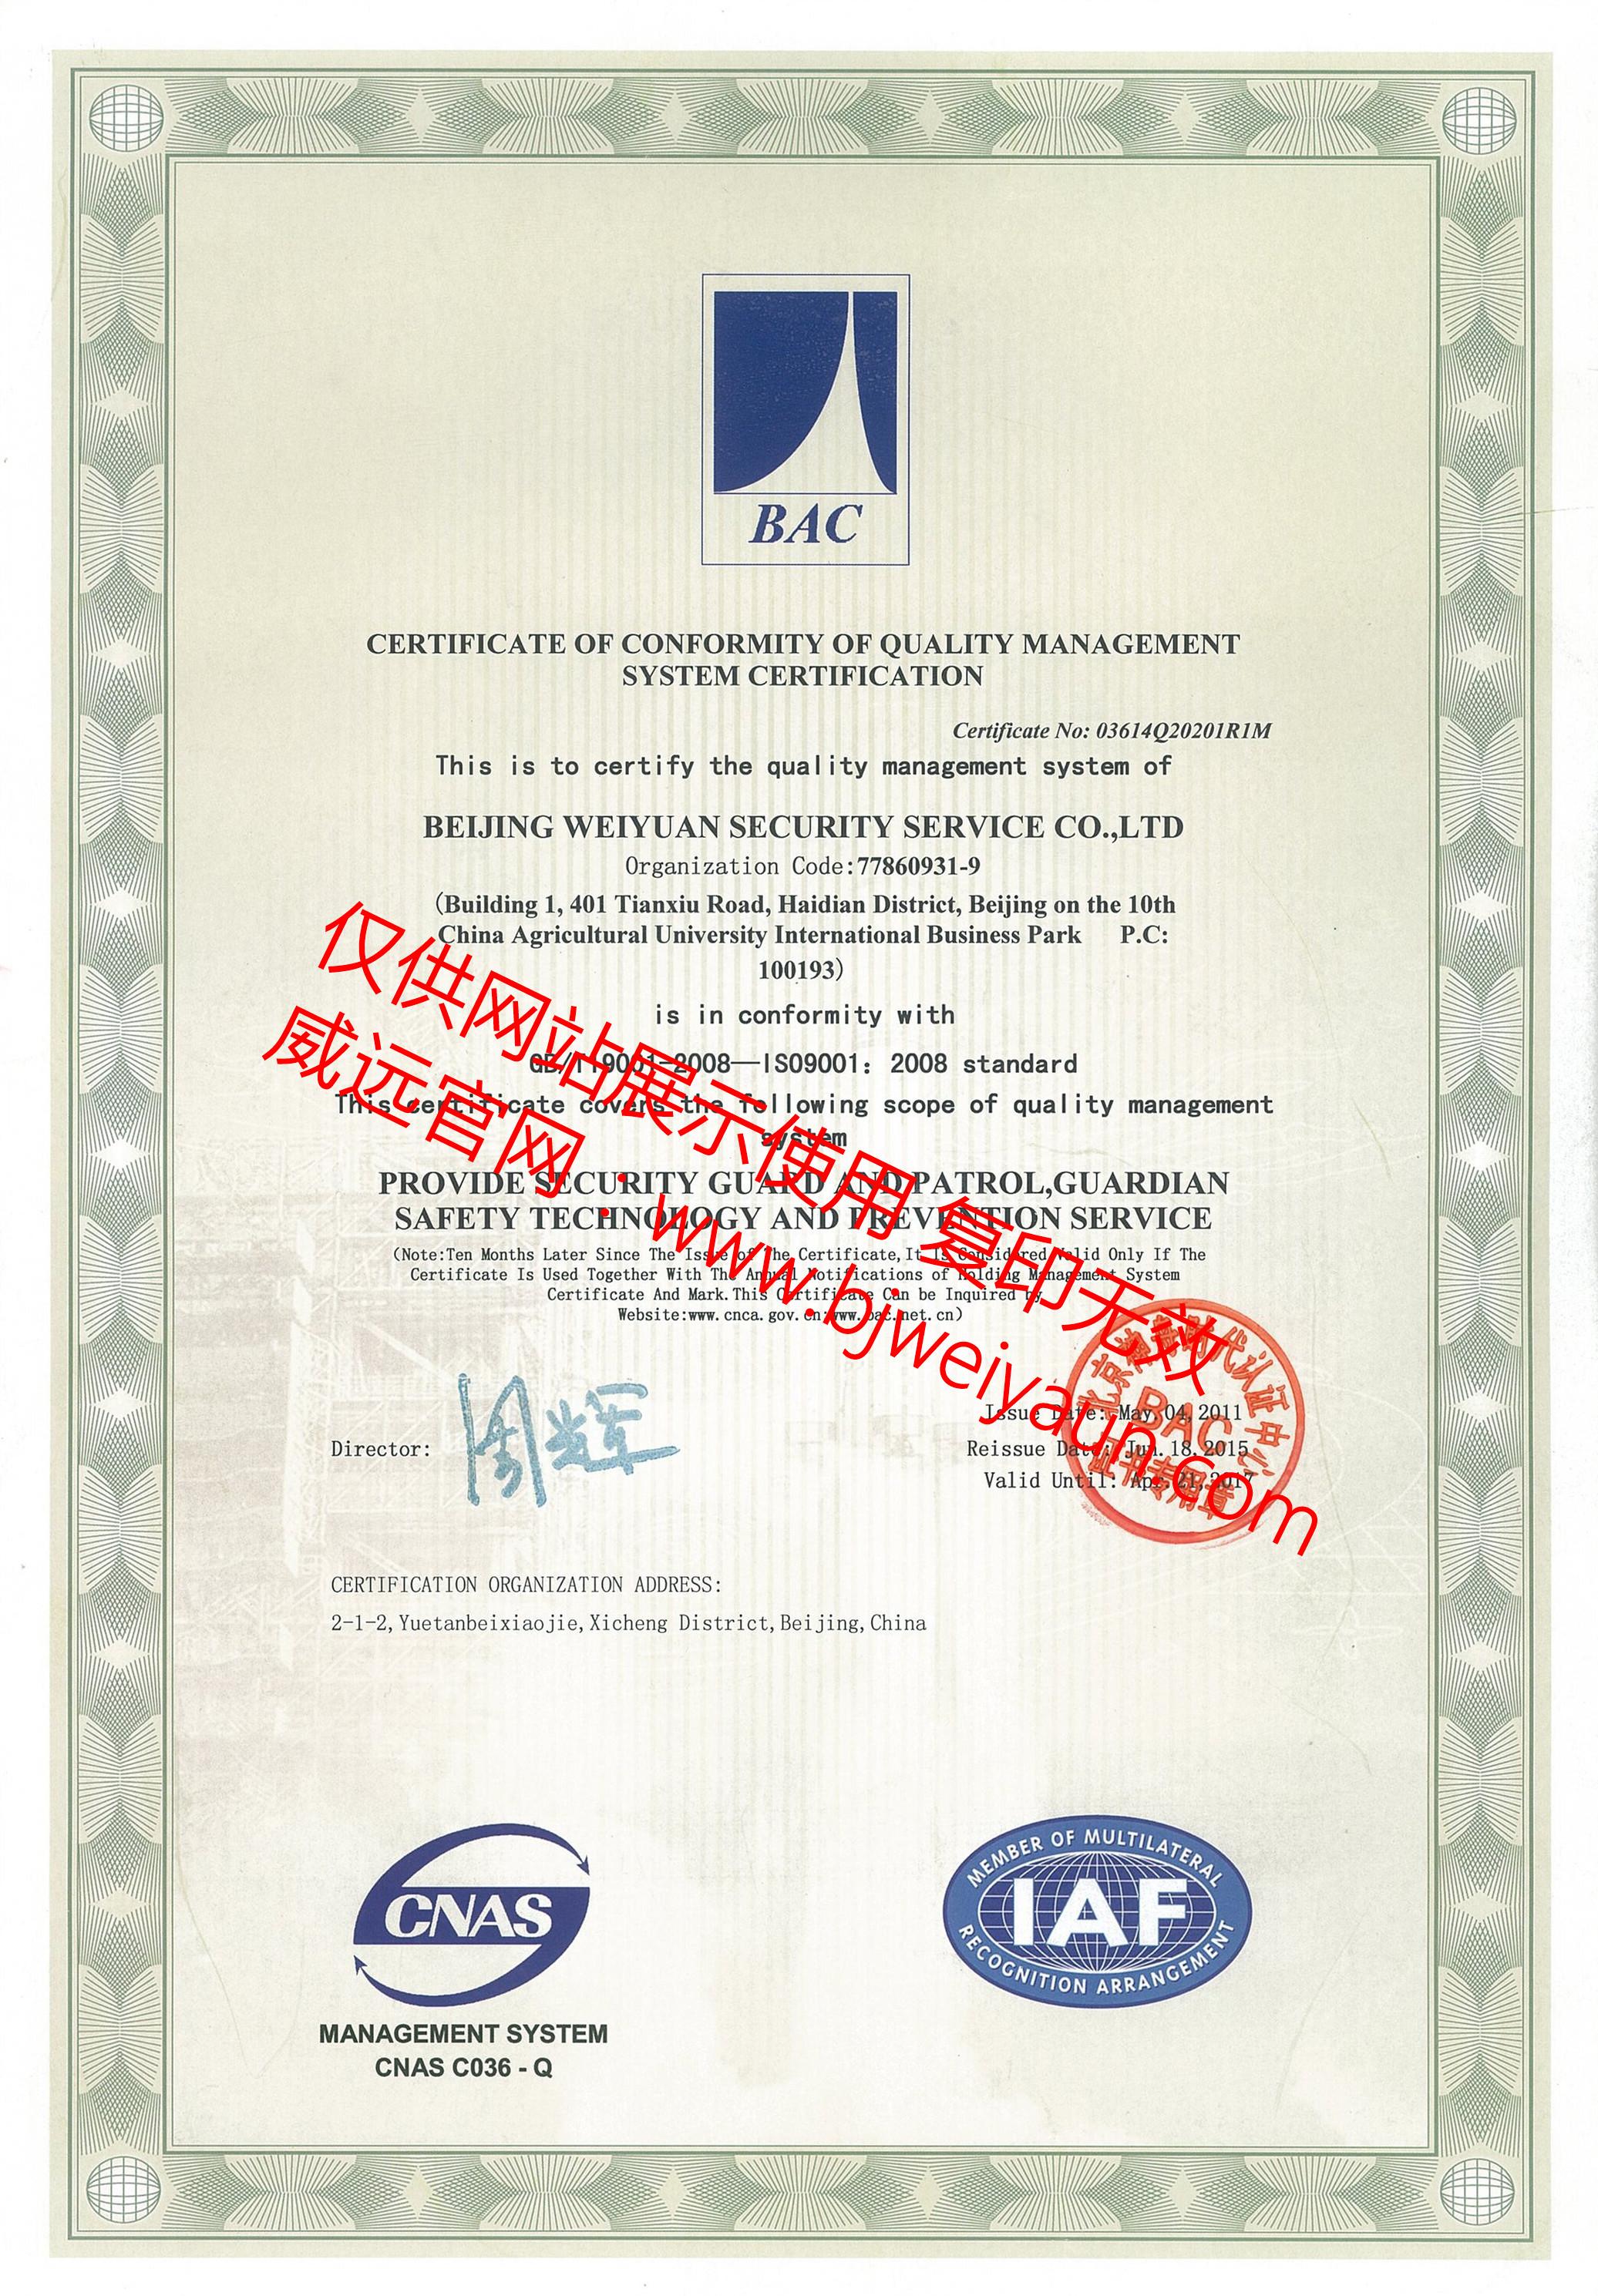 质量管理体系认证(英文)_副本.jpg